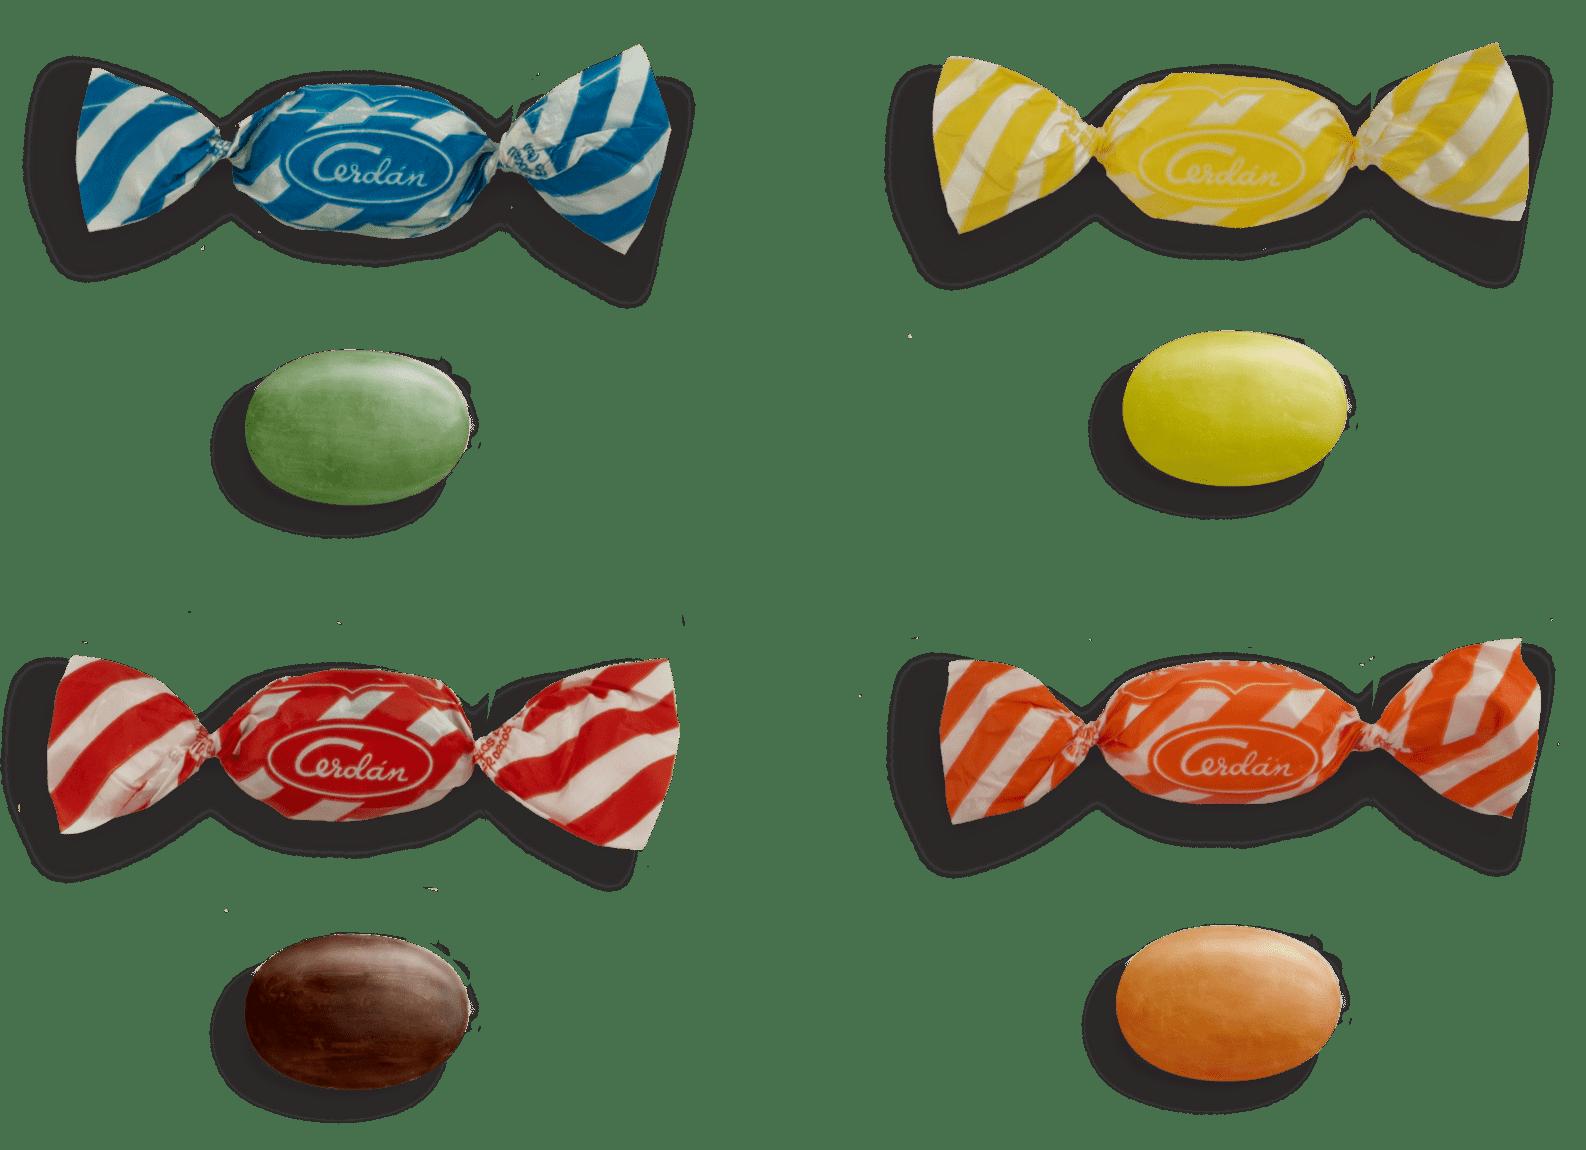 Caramelos-Cerdan-acidos2